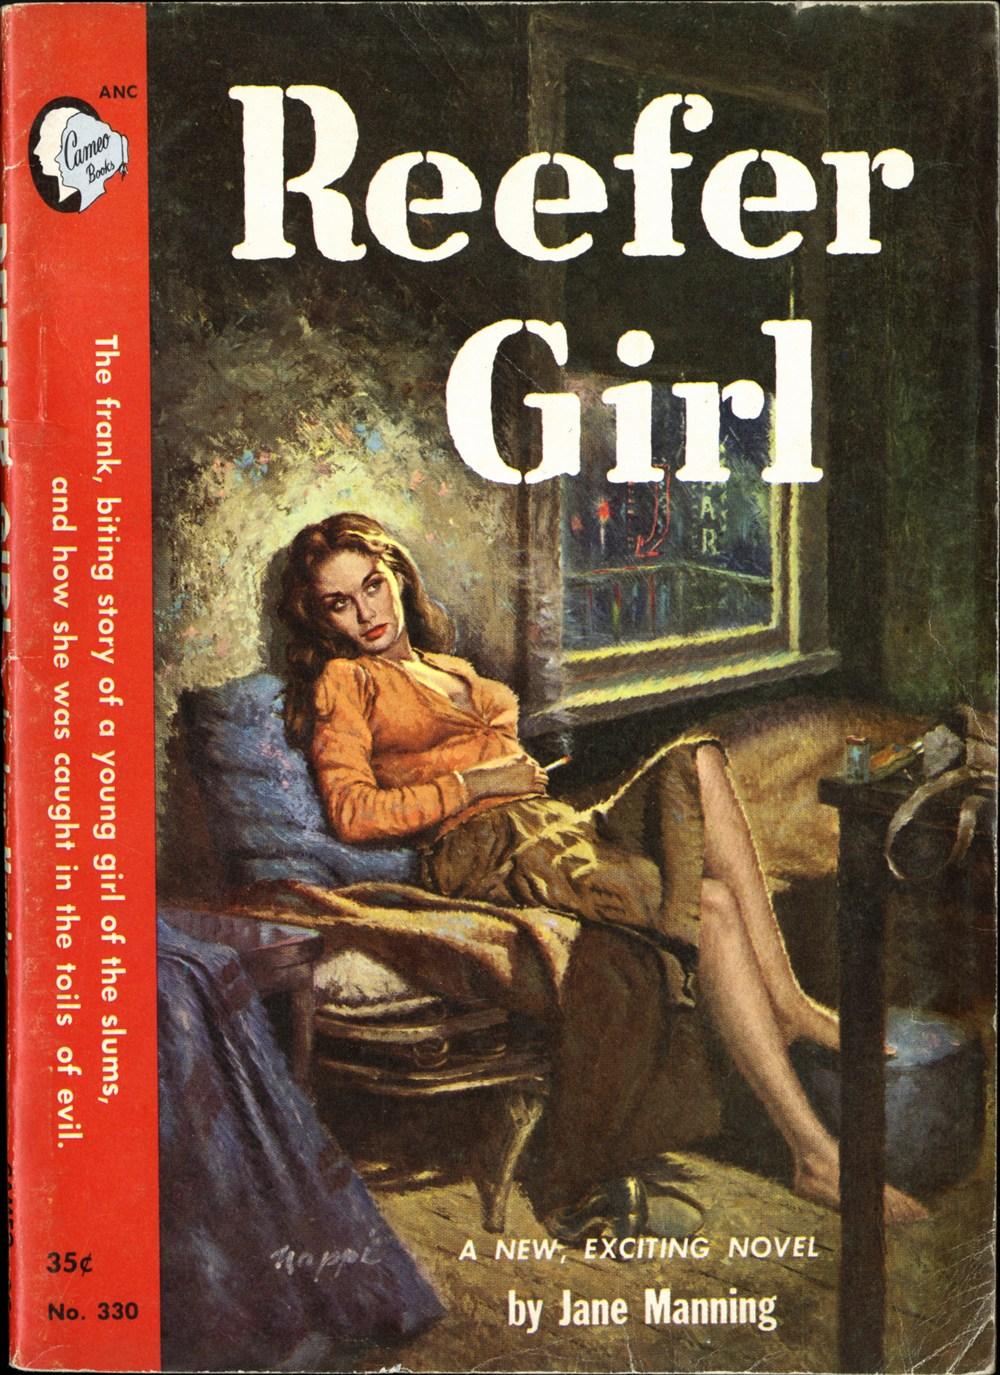 Reefer_Girl_Scan.jpg